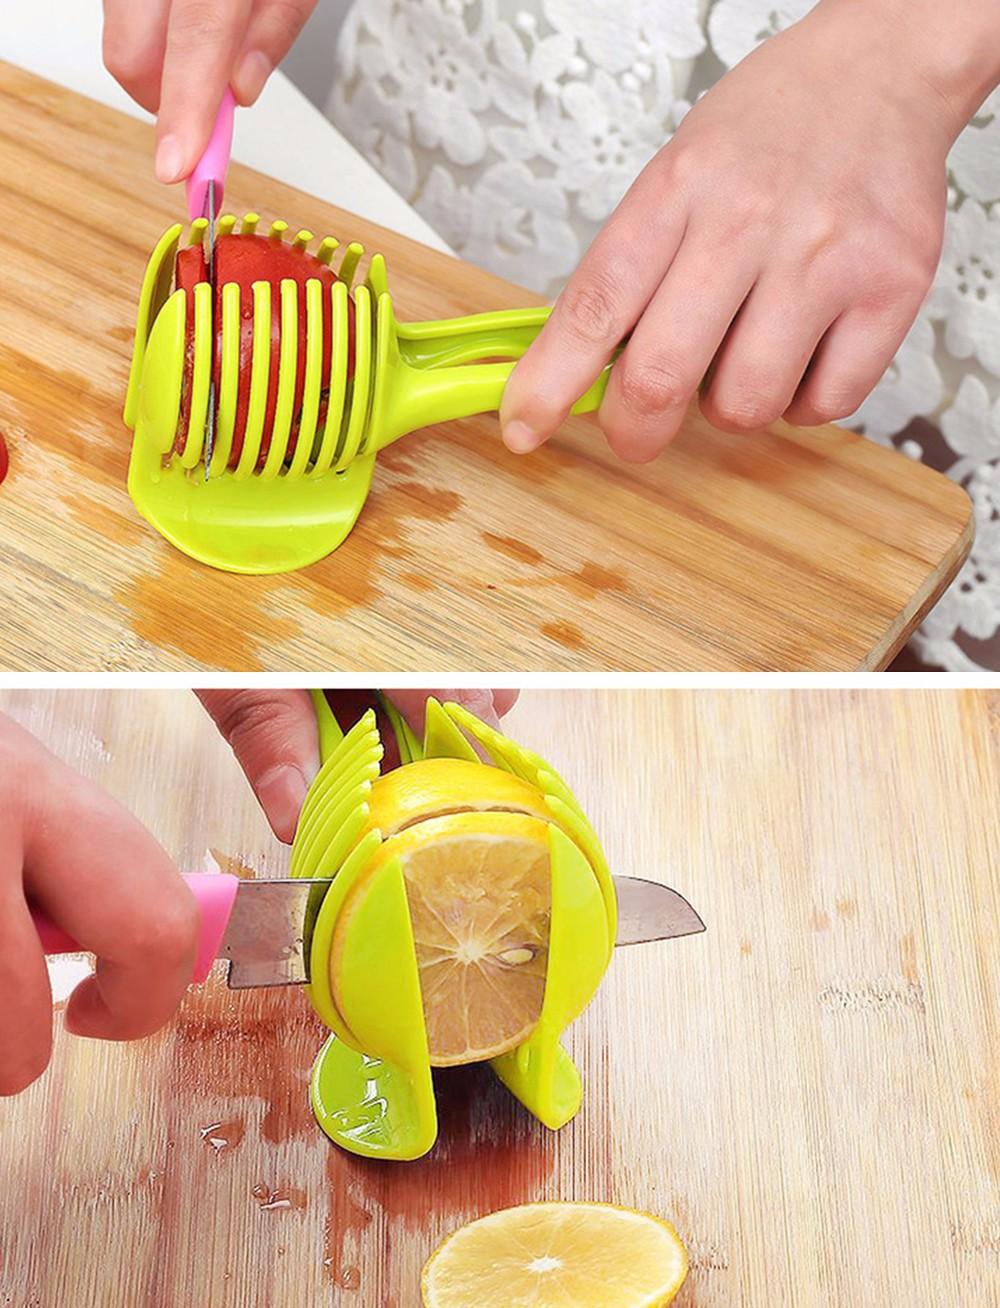 Vegetable-Cutter-Slicer-Tomato-Onion-Slicer-Holder-Food-Grade-Plastic-Fruit-Vegetable-Cutters-Kitchen-Gadgets-Slice-Assistant-KC1365 (14)